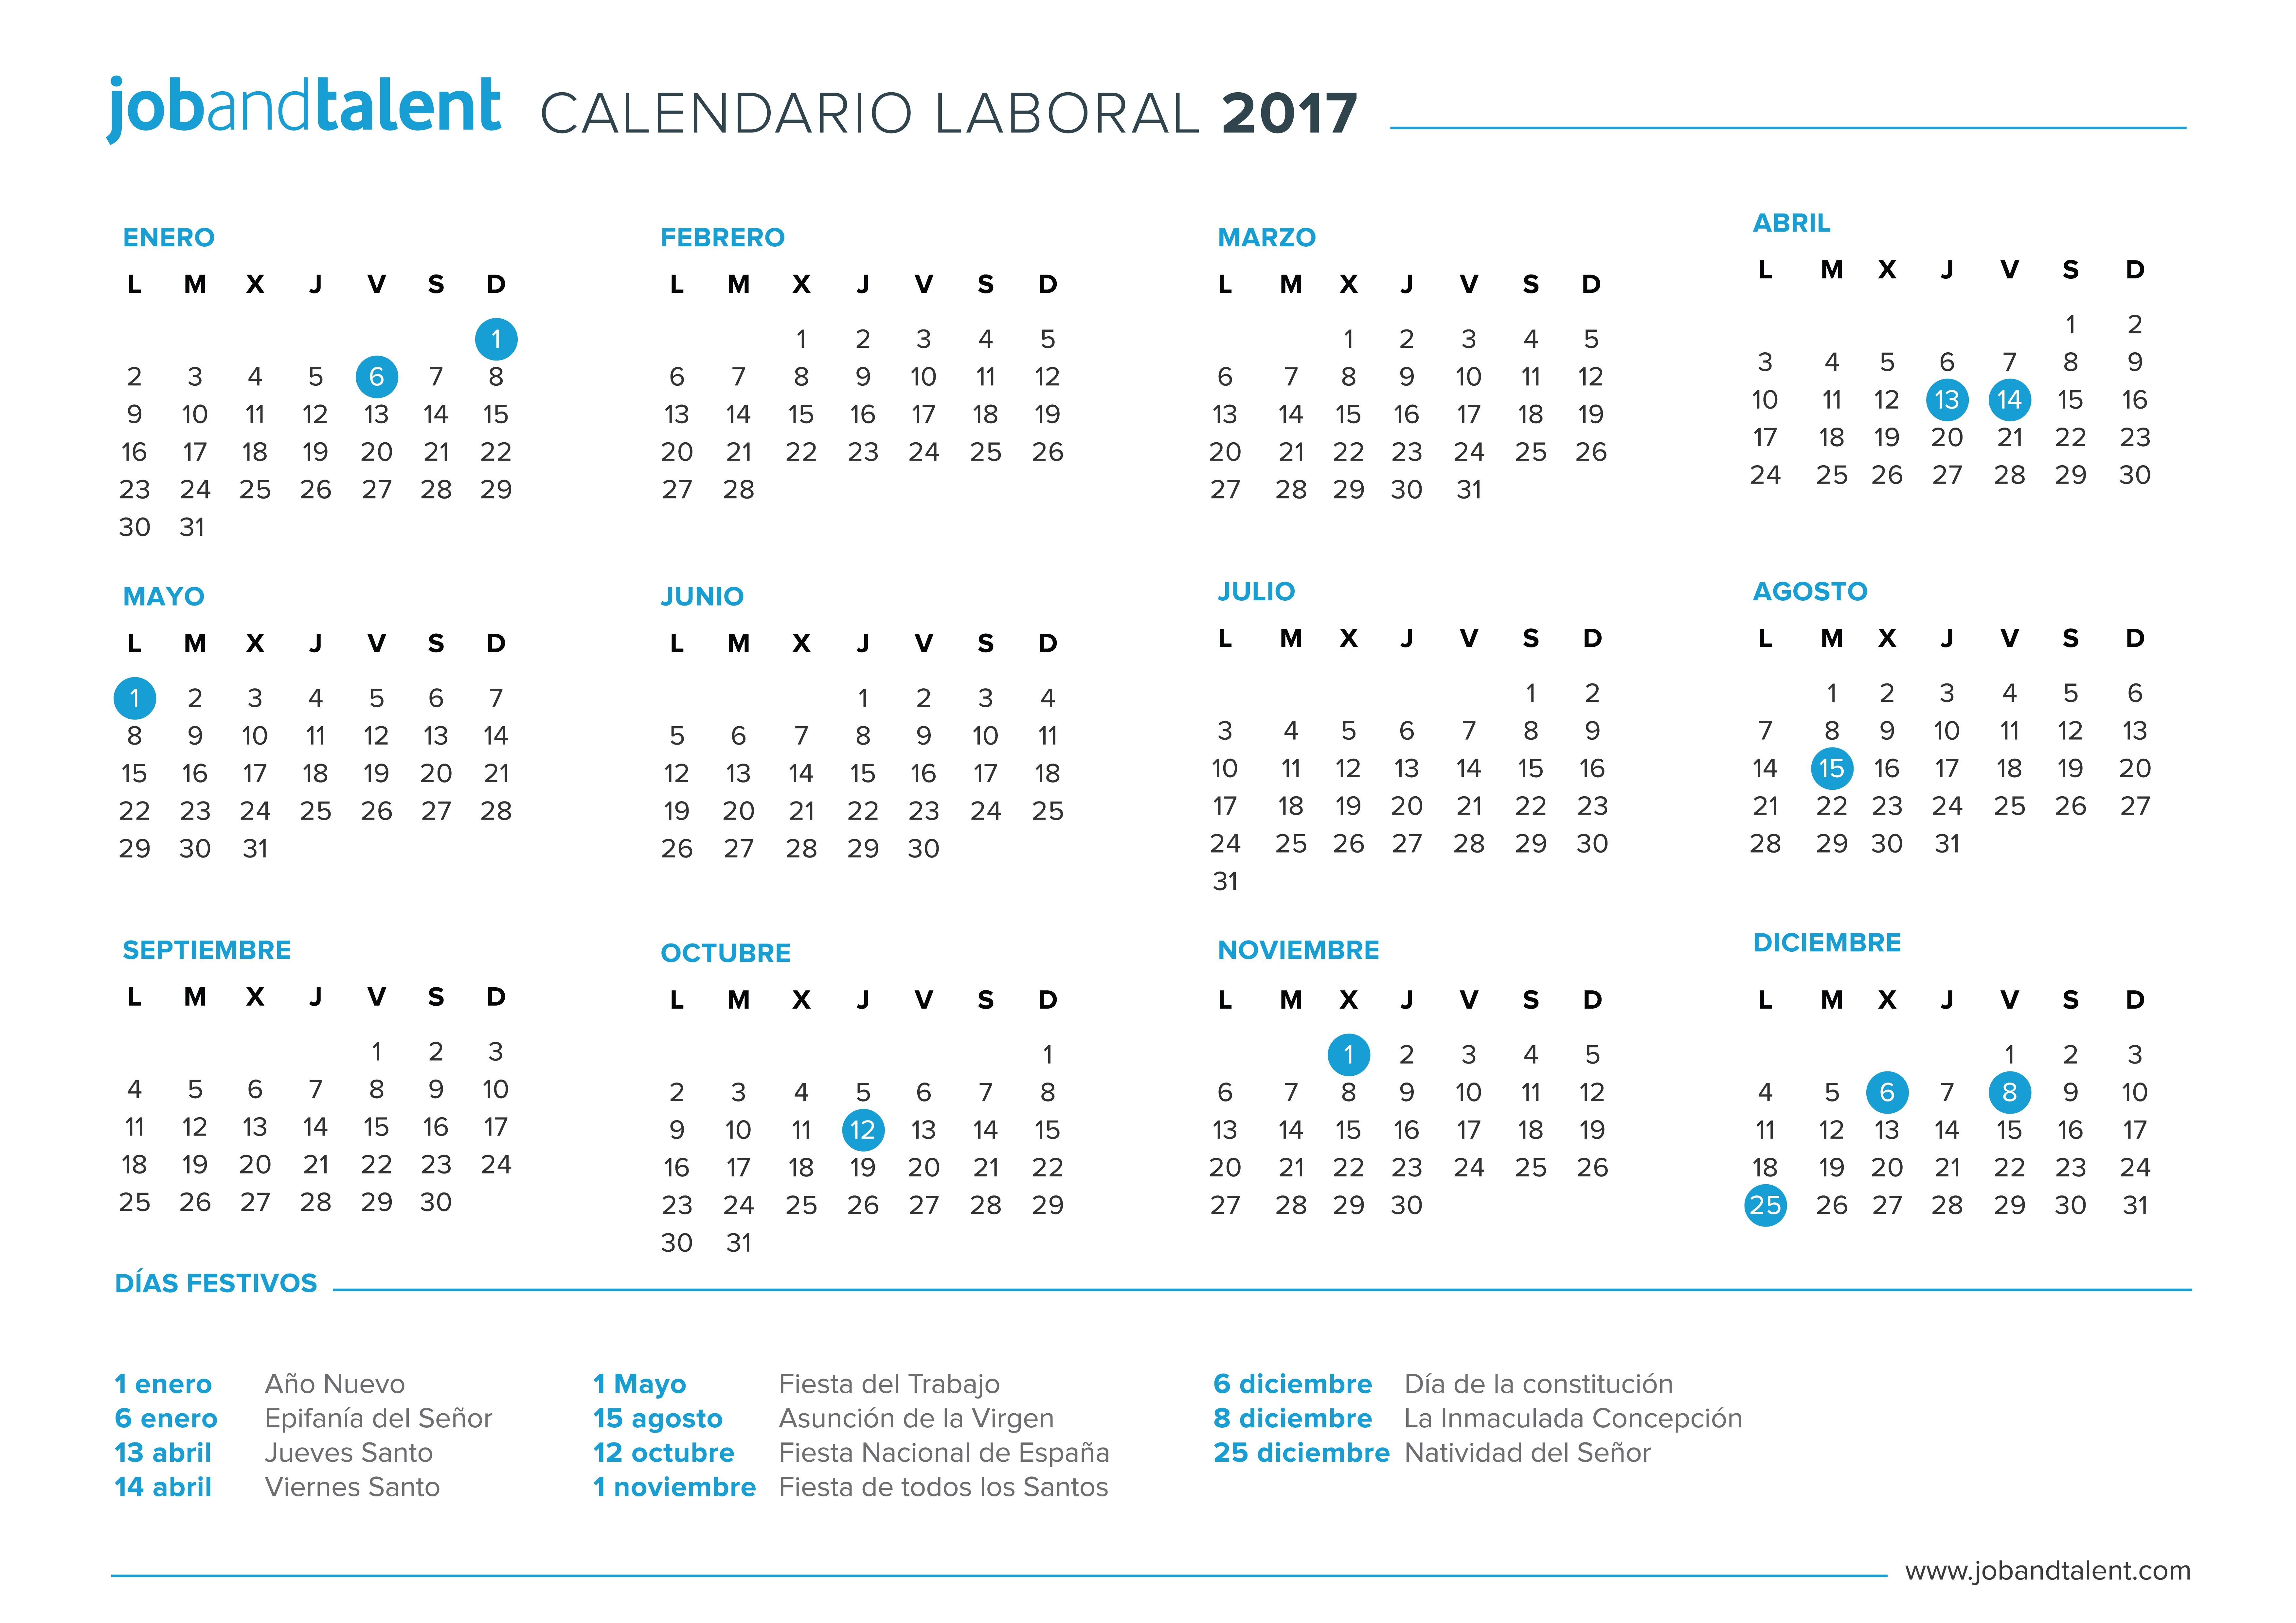 Calendario 2019 Con Festivos Comunidad Valenciana Más Caliente Calendario 2018 Con Festivos Of Calendario 2019 Con Festivos Comunidad Valenciana Más Populares Inicio Ayuntamiento De aspe